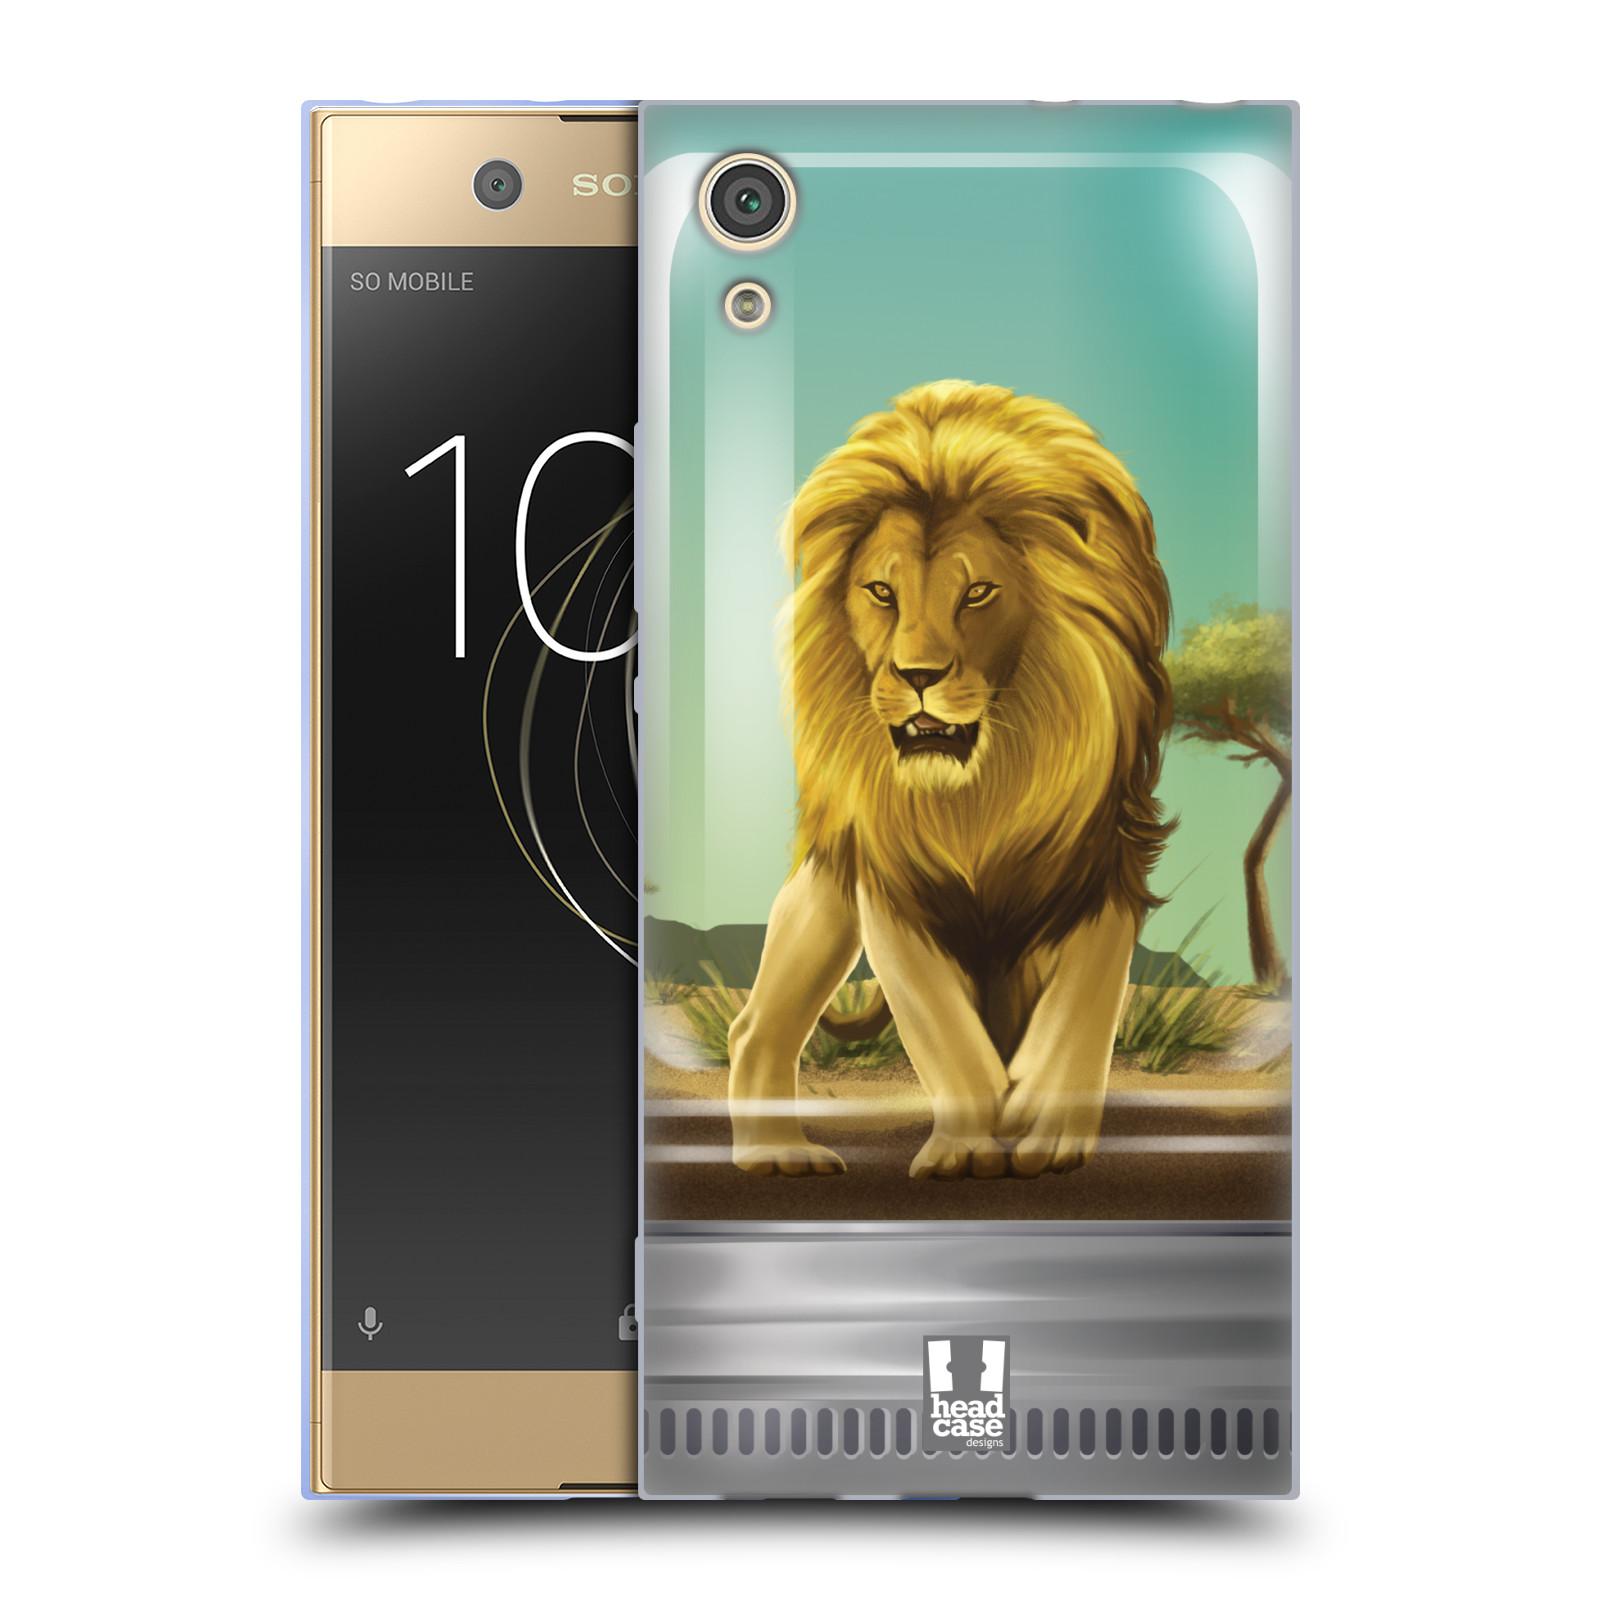 HEAD CASE silikonový obal na mobil Sony Xperia XA1 / XA1 DUAL SIM vzor Zvířátka v těžítku lev